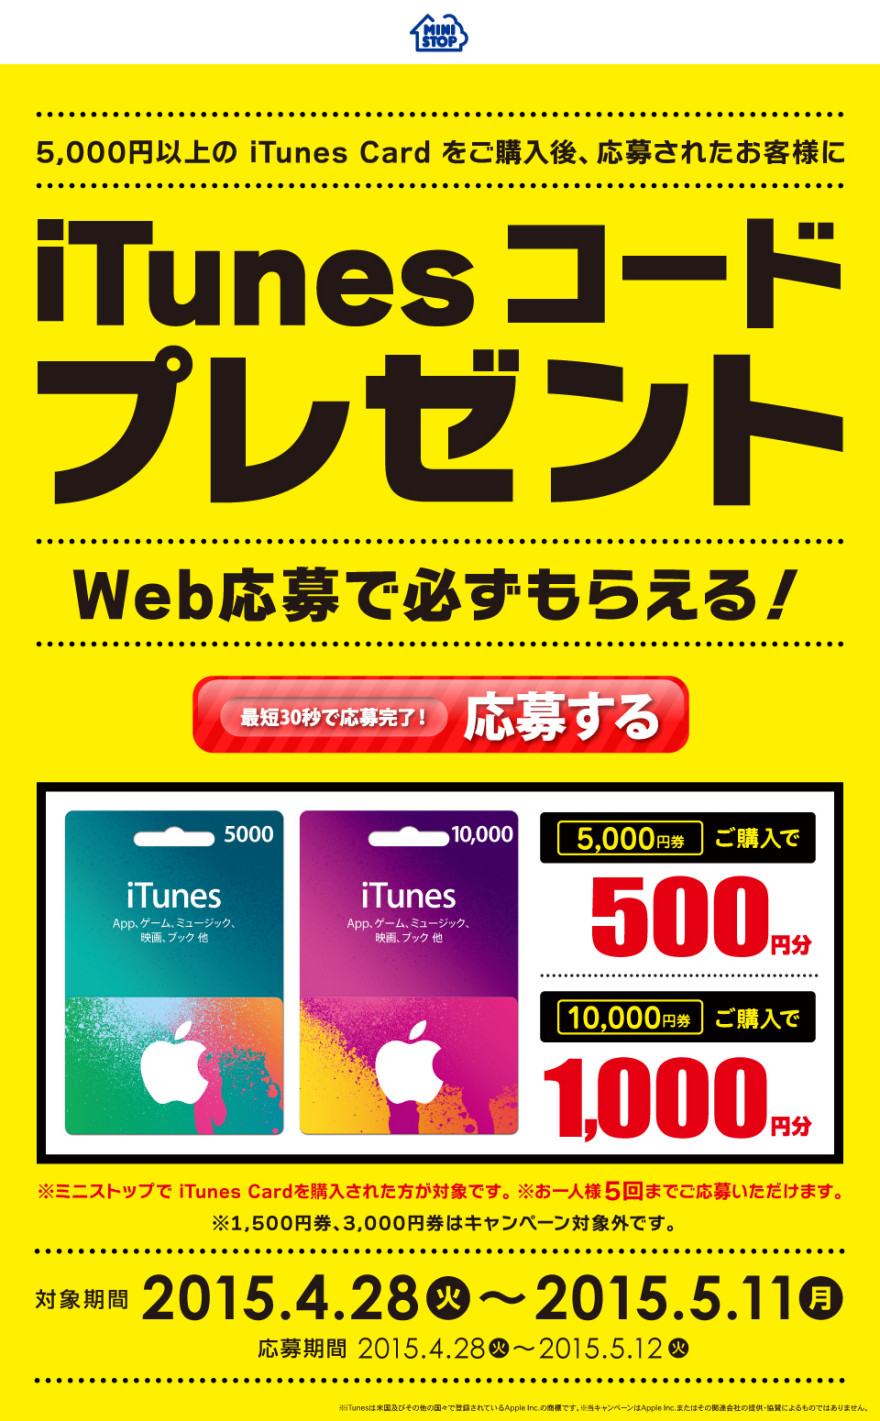 Web応募で必ずもらえる ミニストップ iTunes コードプレゼント!スタートのお知らせ